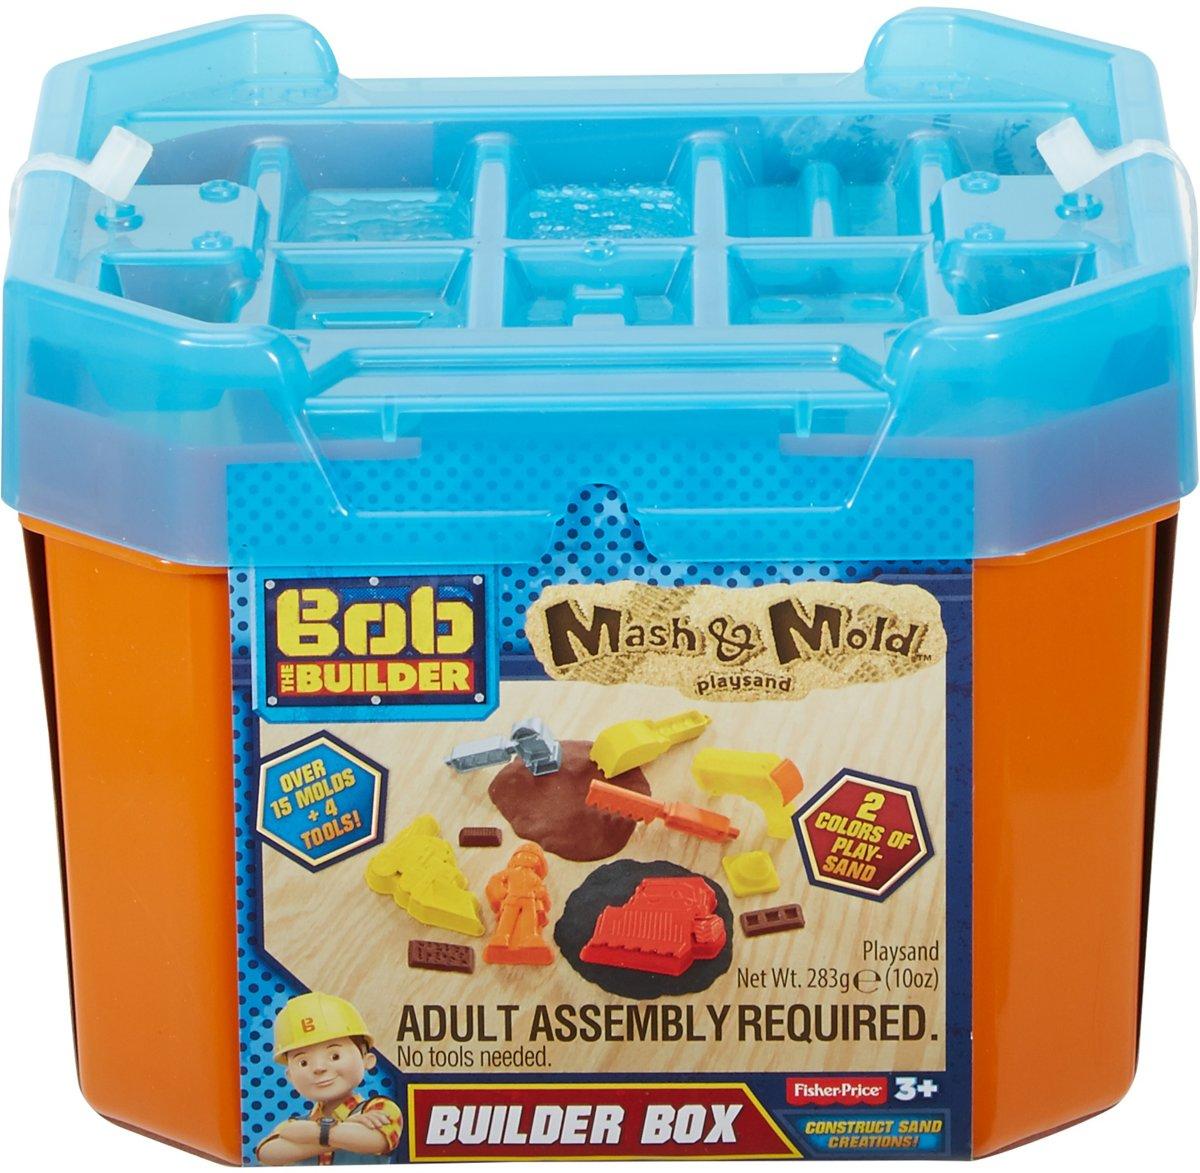 Bob de Bouwer Kneed en vorm bouwdoos